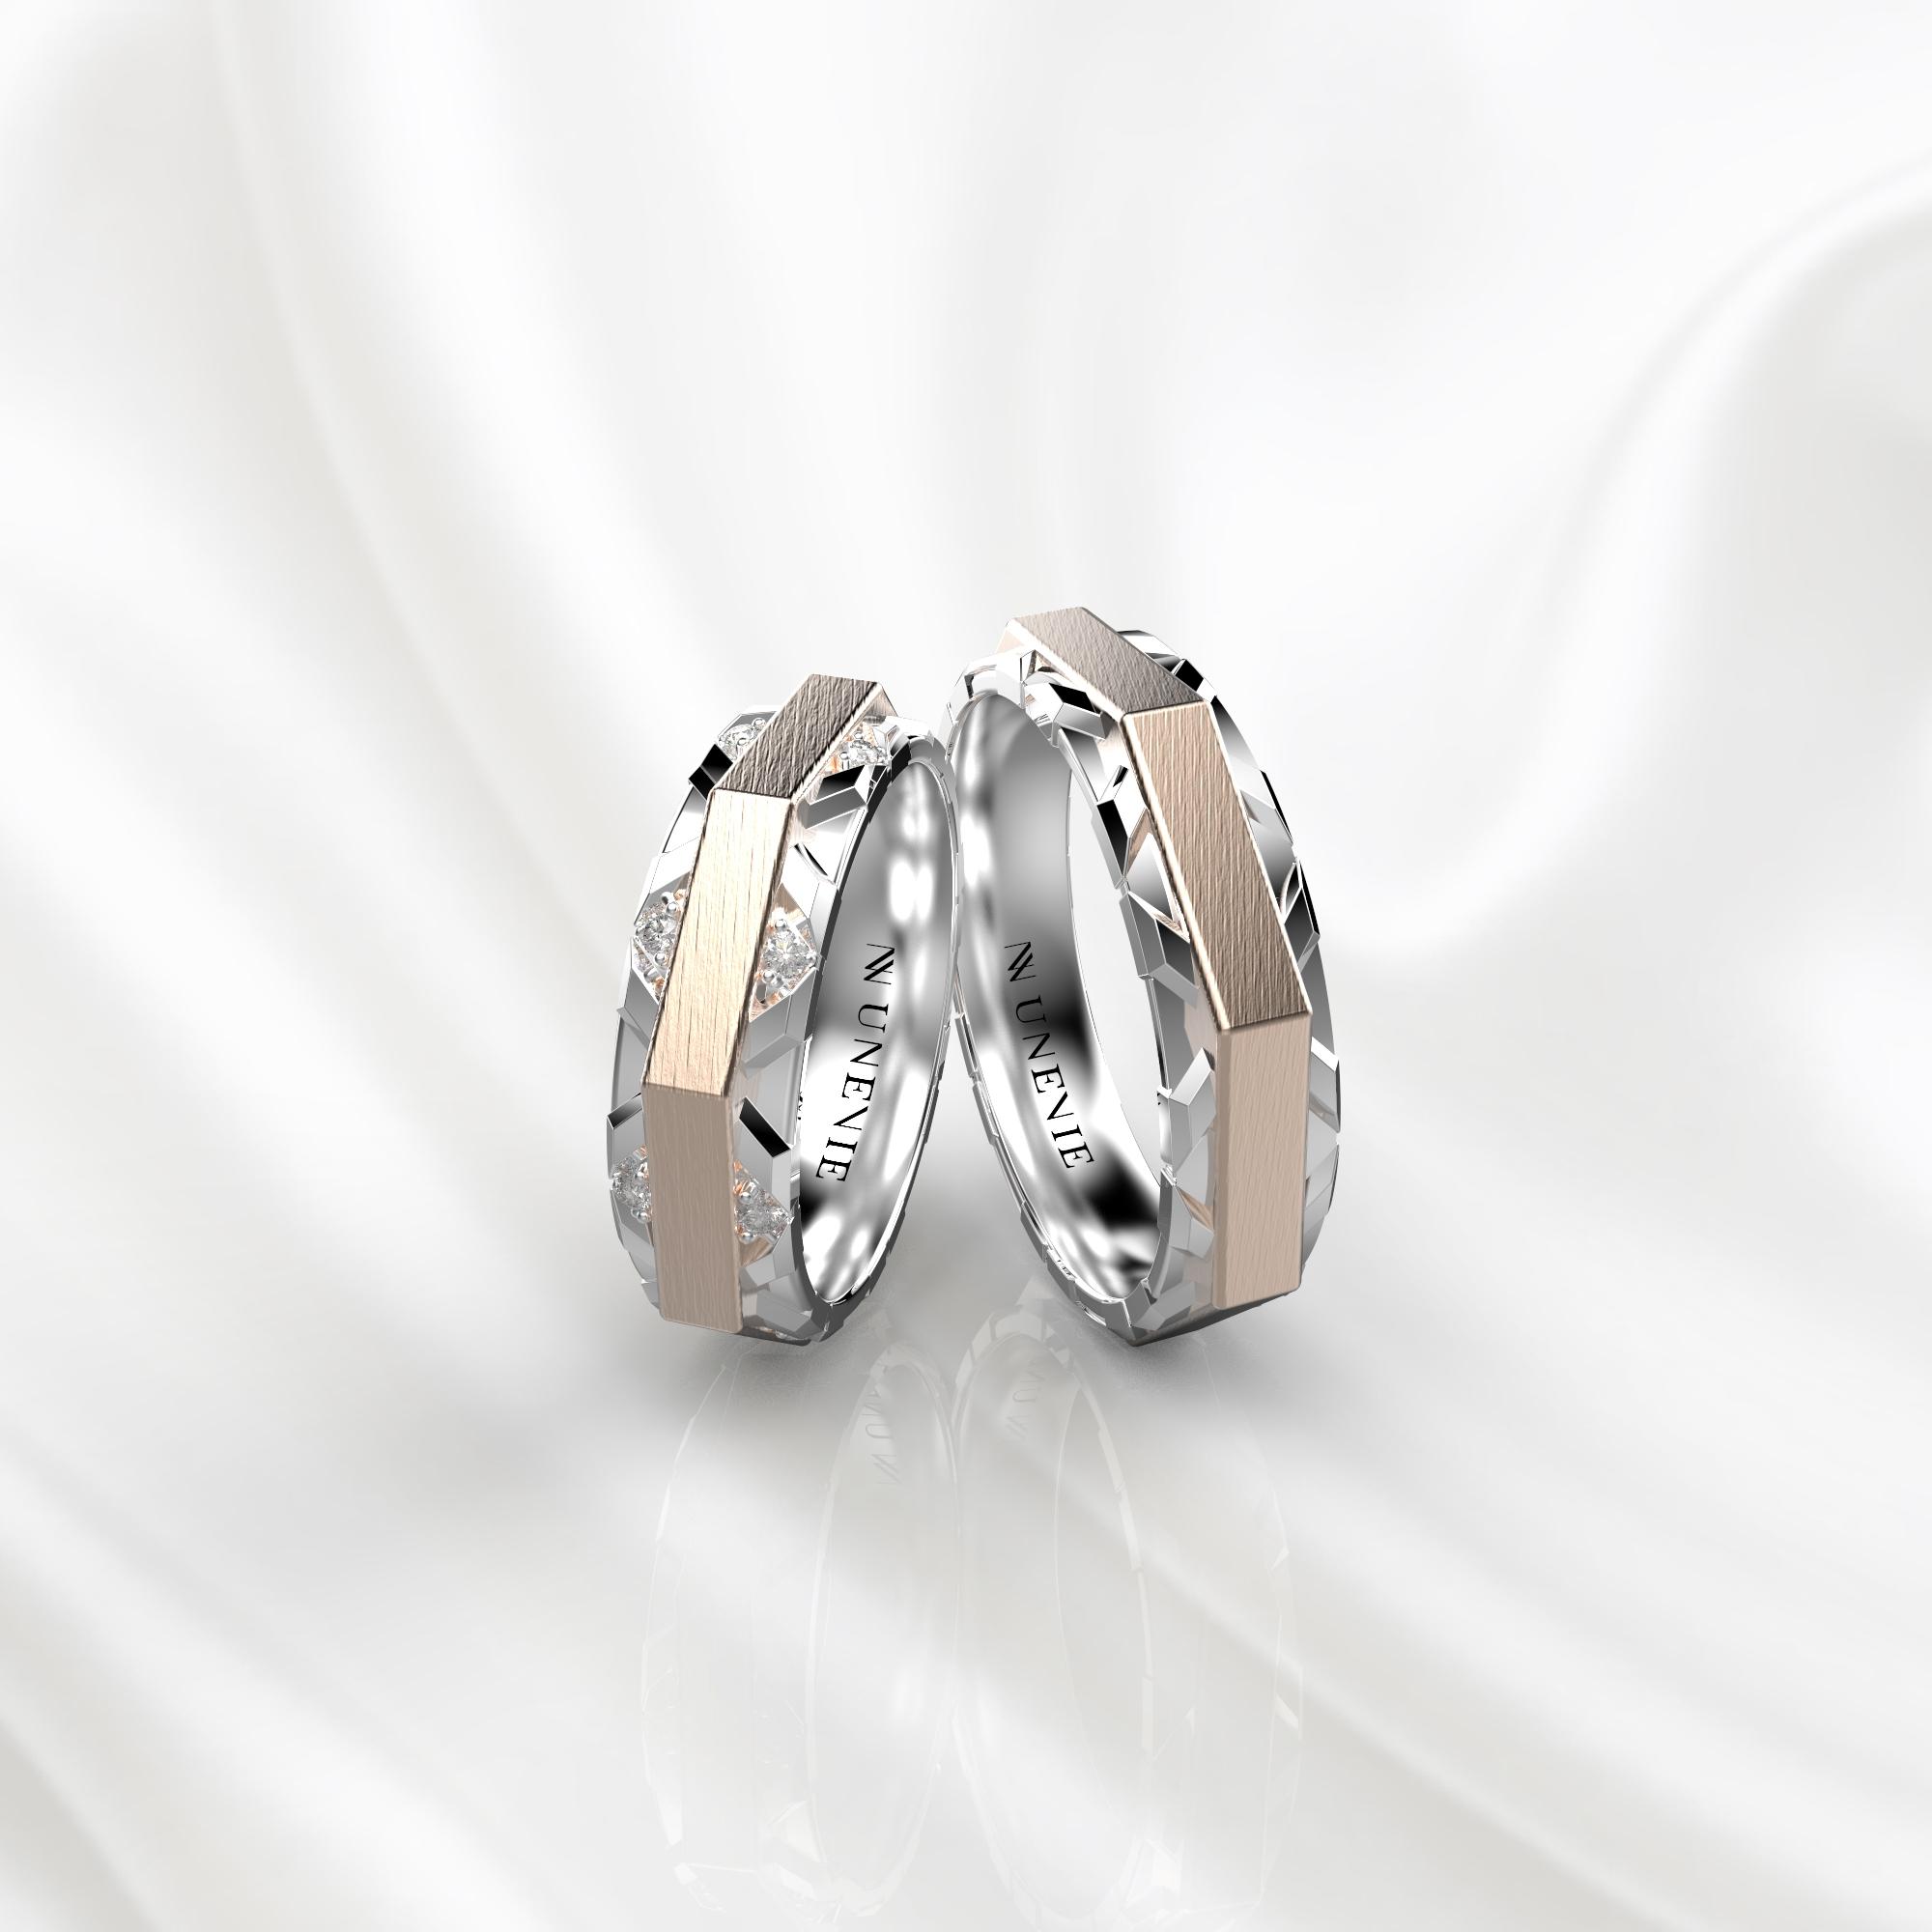 NV74 Парные обручальные кольца из бело-розового золота с бриллиантами